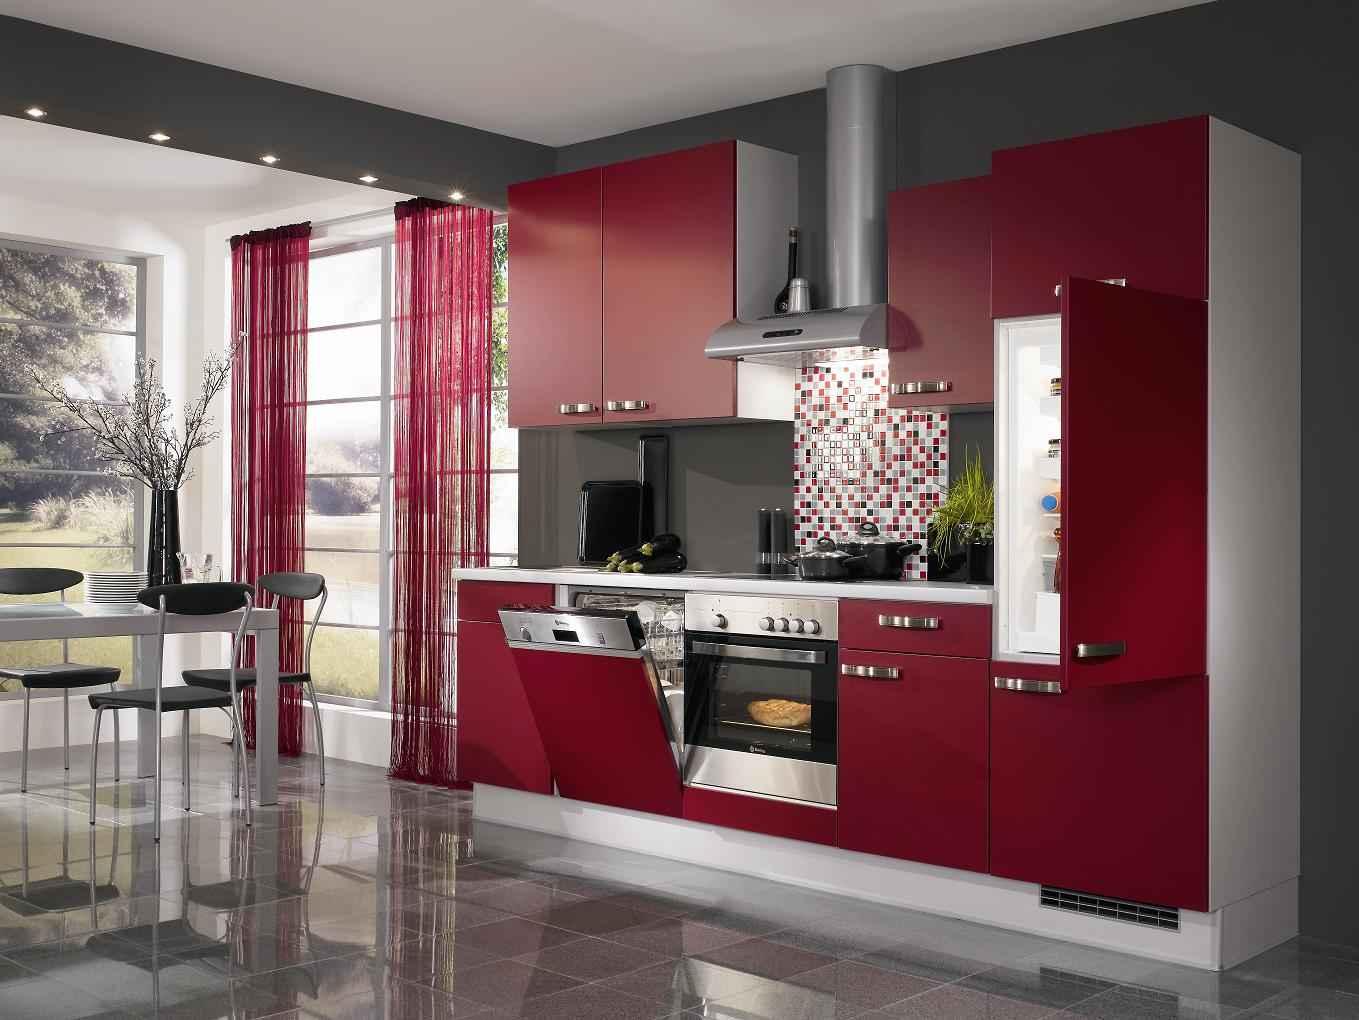 BirminghamDiscount Kitchen Cabinets::Kitchen and Bath